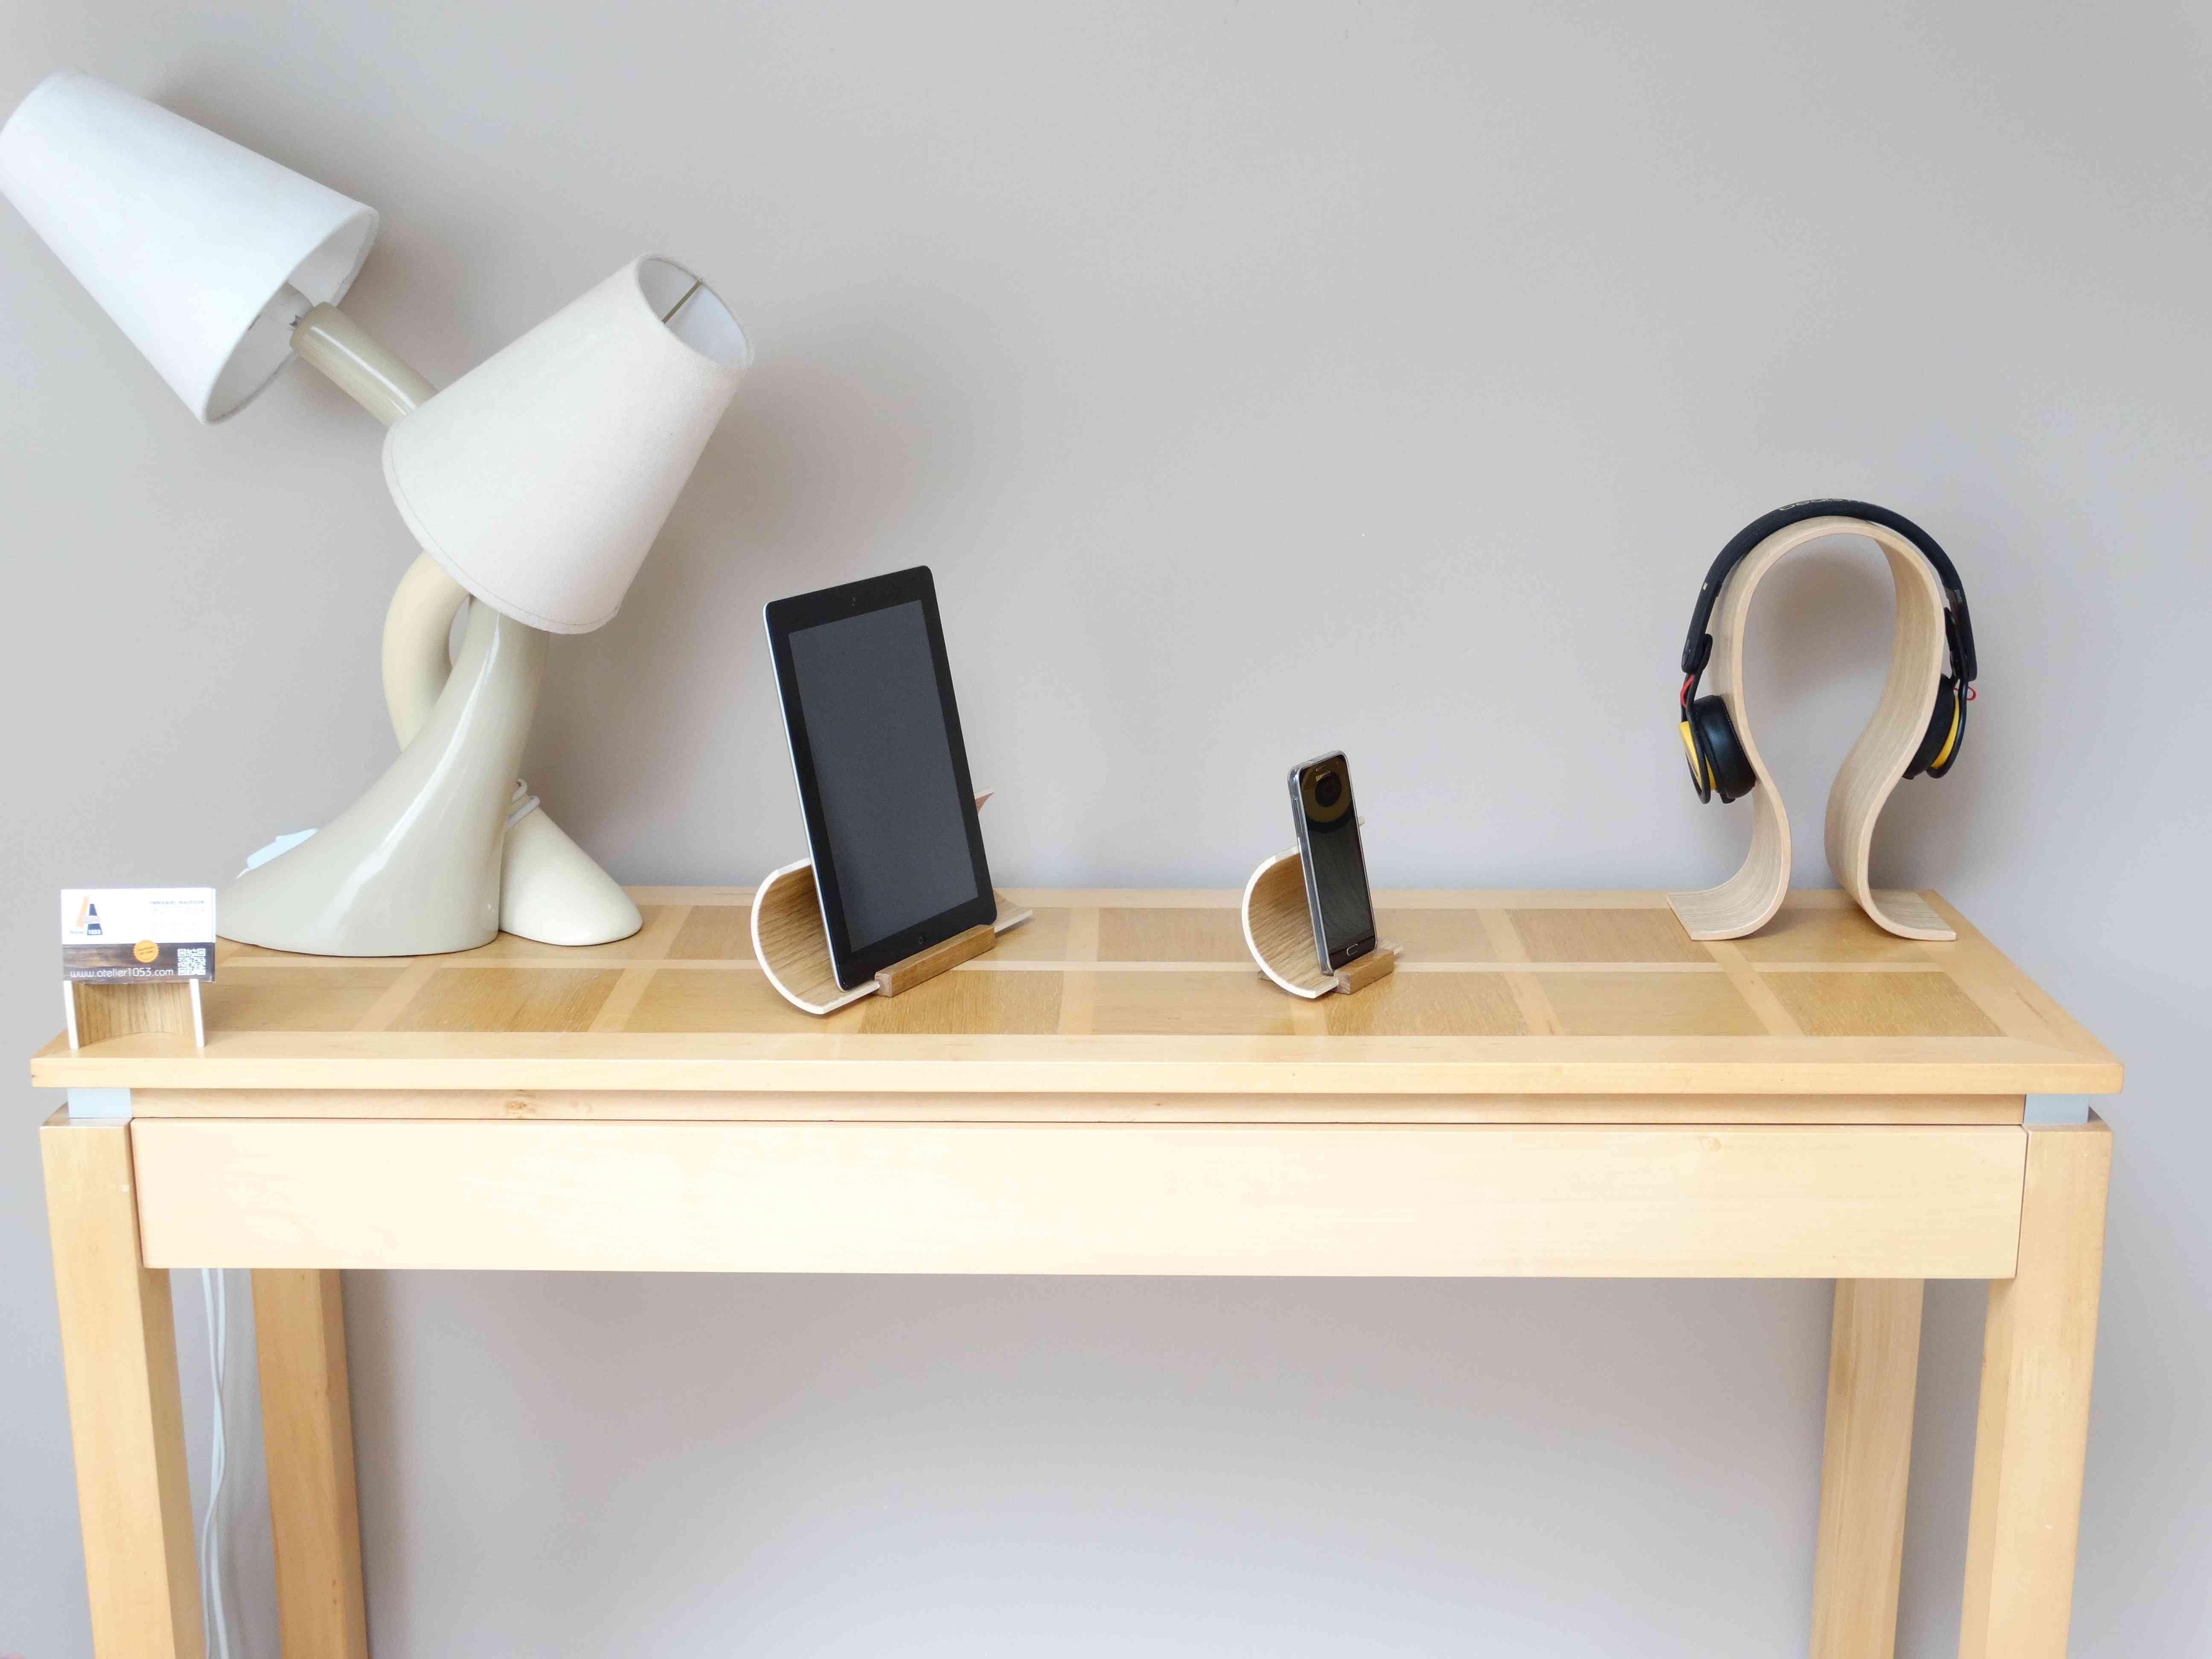 objet et meuble cintré